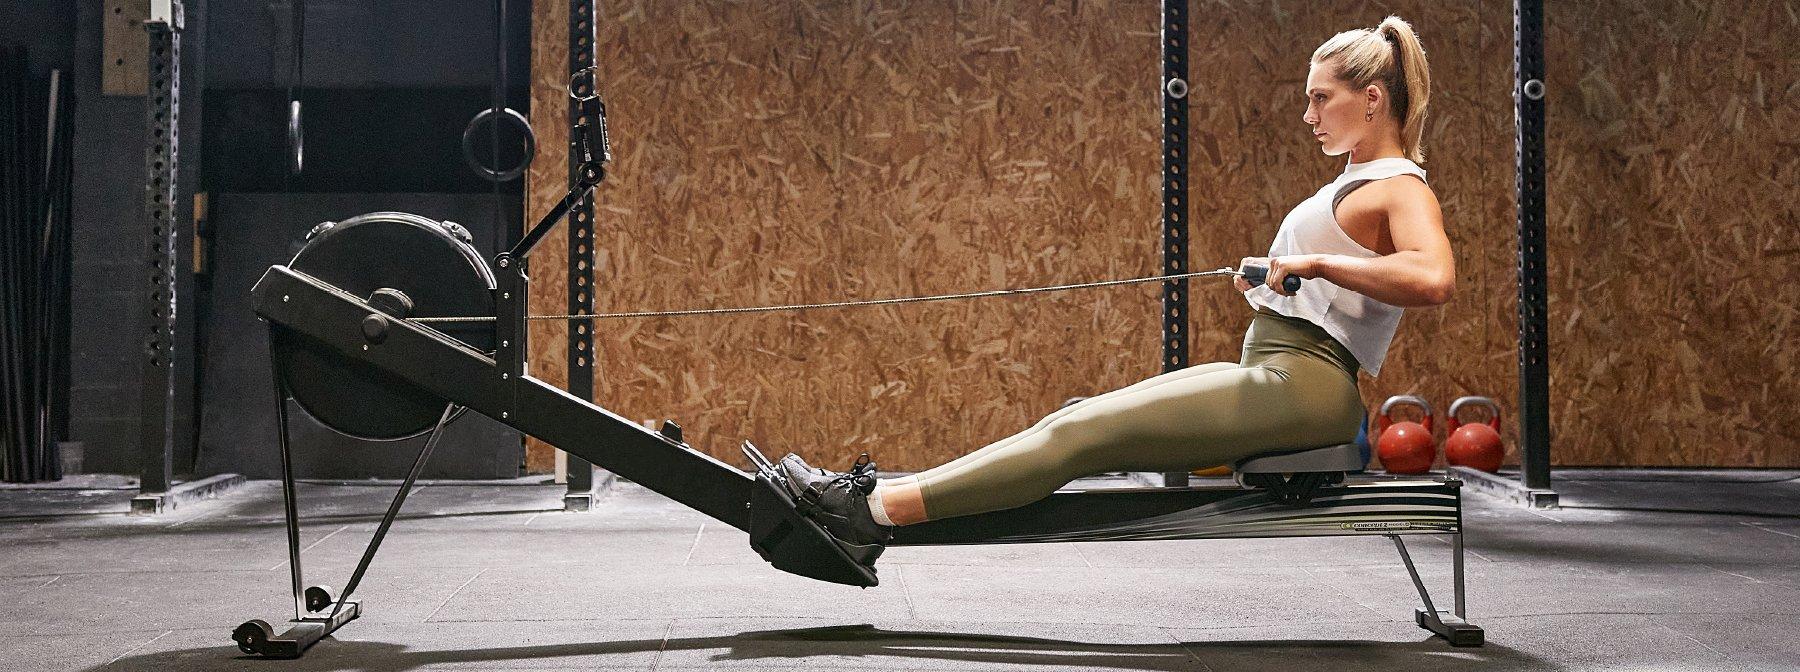 Influencerin normalisiert Gewichtszunahme von Frauen nach einer inspirierenden Erholung von einer Essstörung